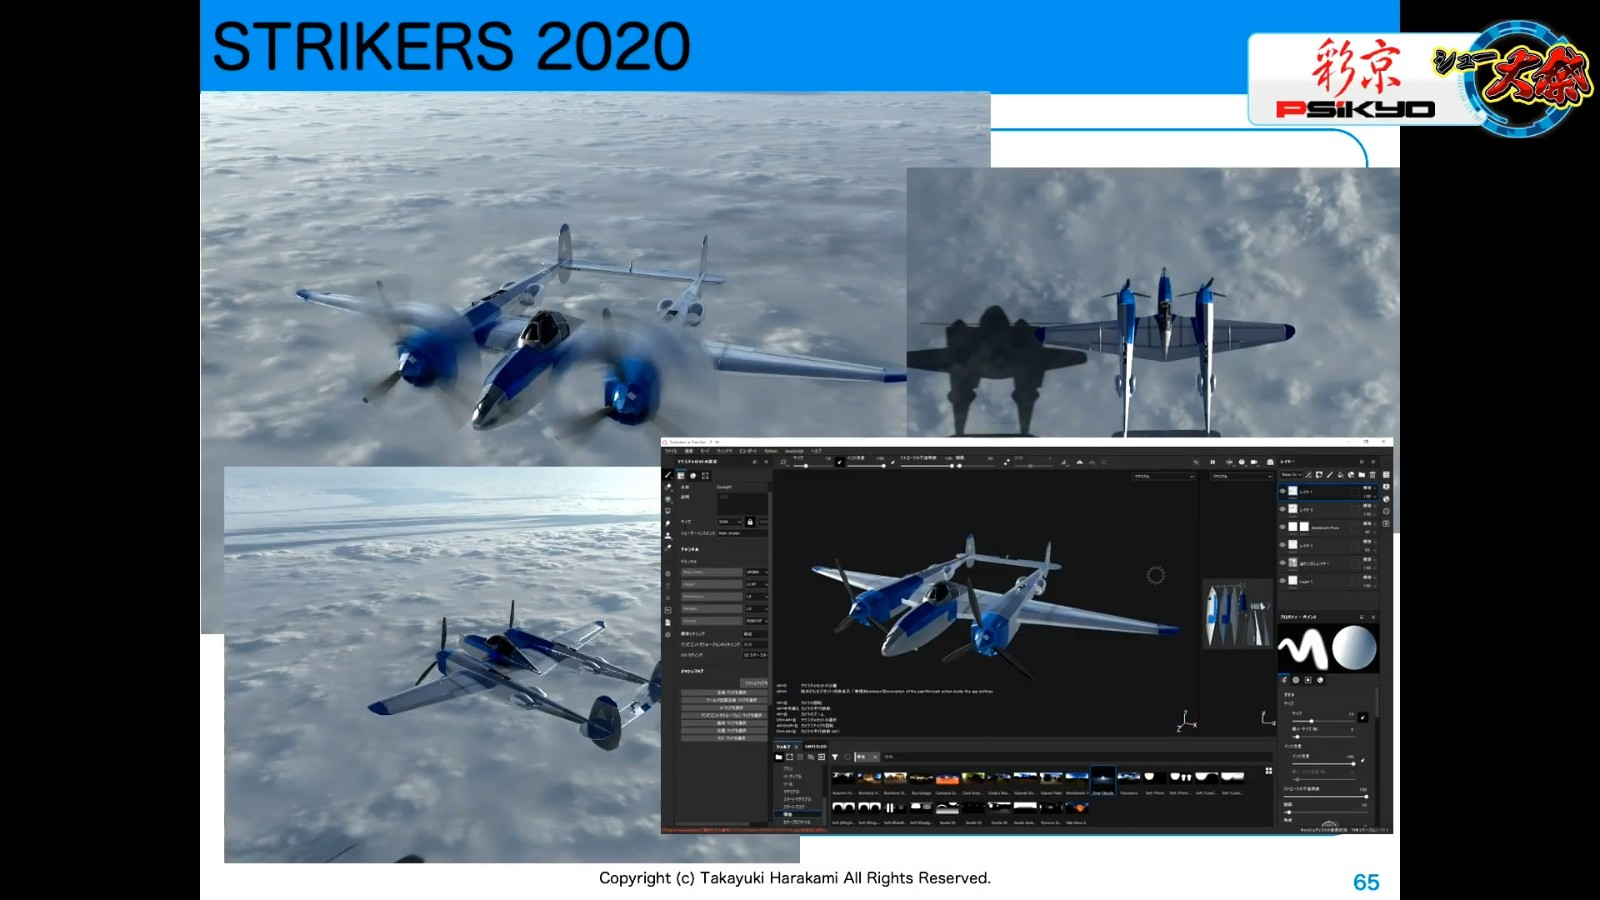 彩京经典IP《打击者2020》公布首批游戏开发截图